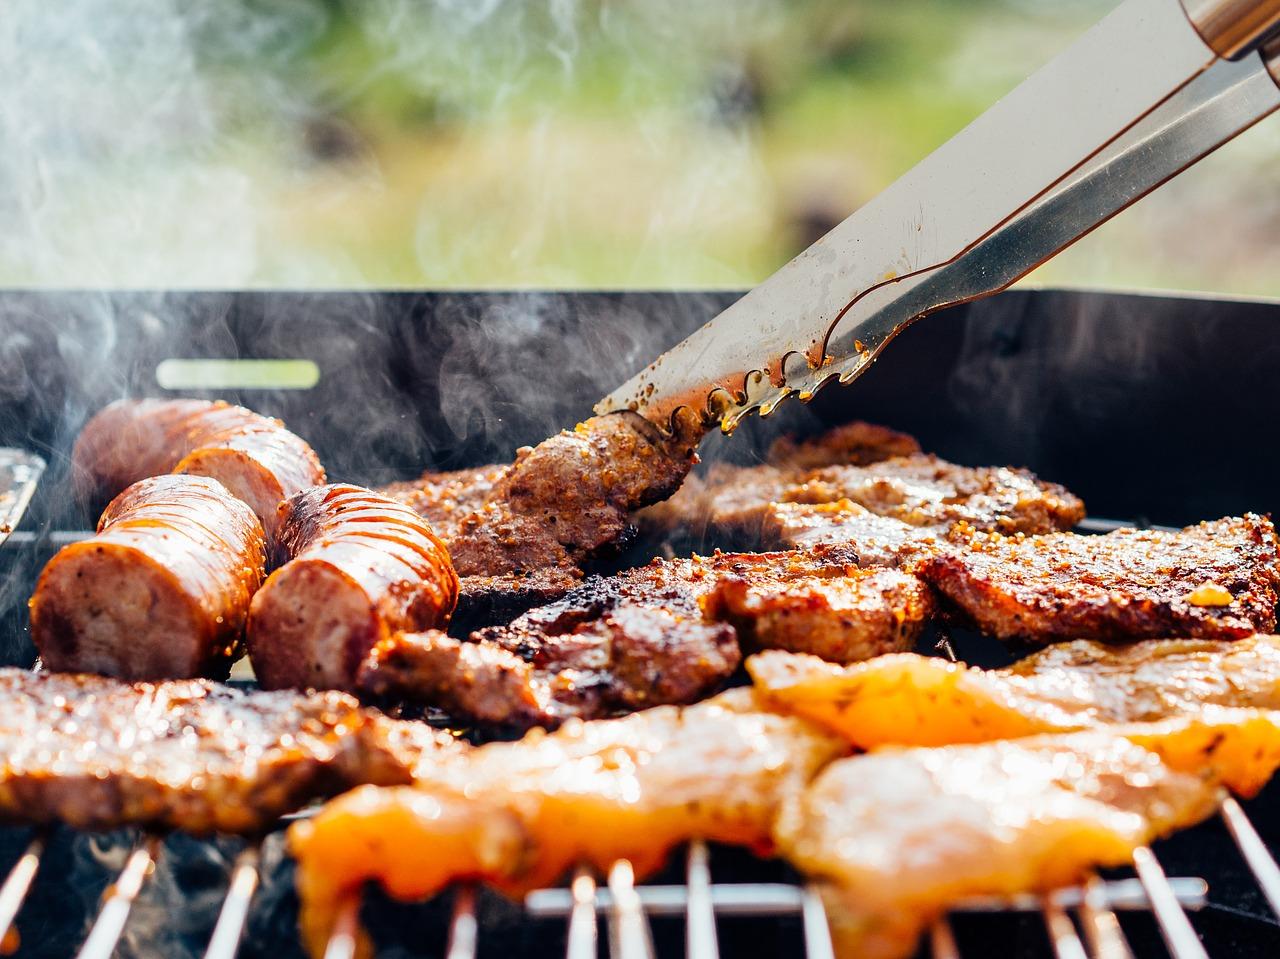 糖質制限 肉だけ食べたのに血糖値が上がる! フリースタイルリブレ